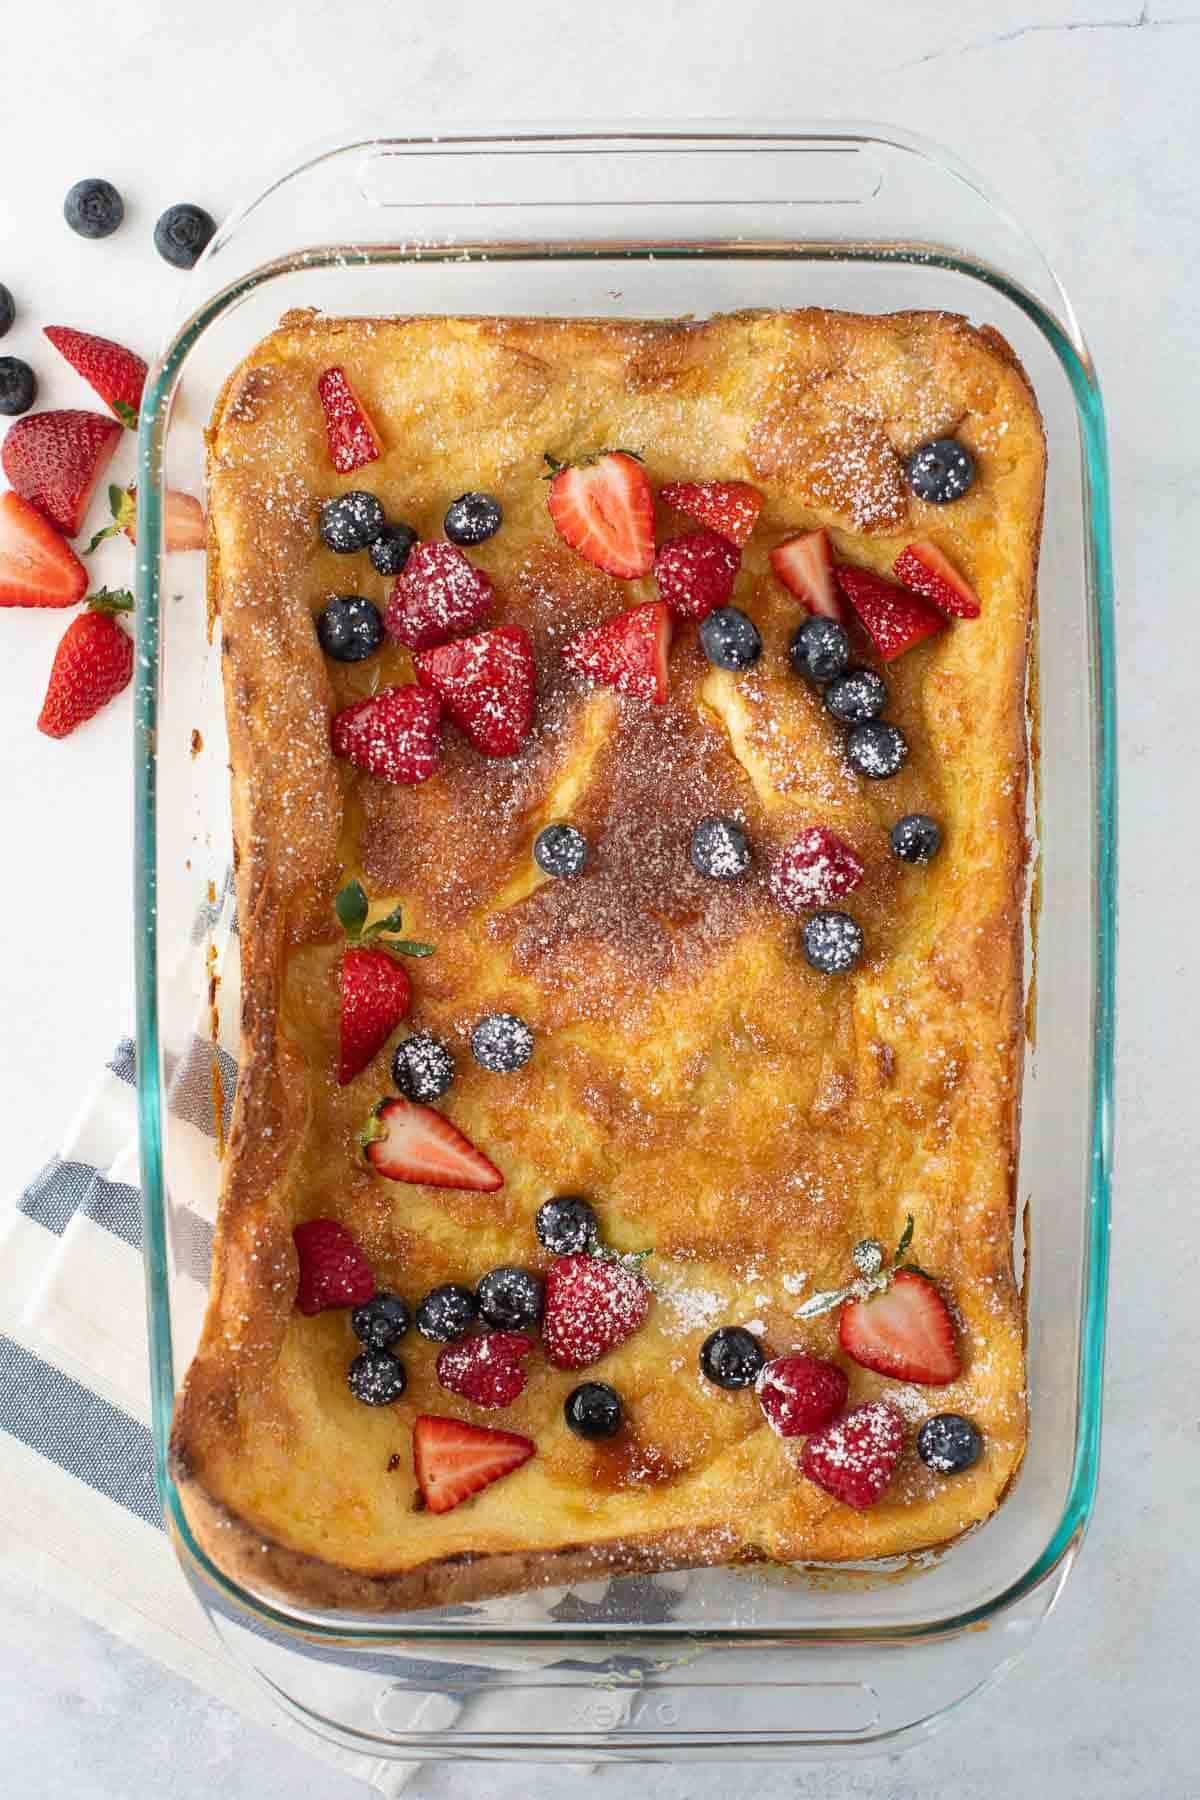 overhead shot of gluten-free german pancake in pan with berries